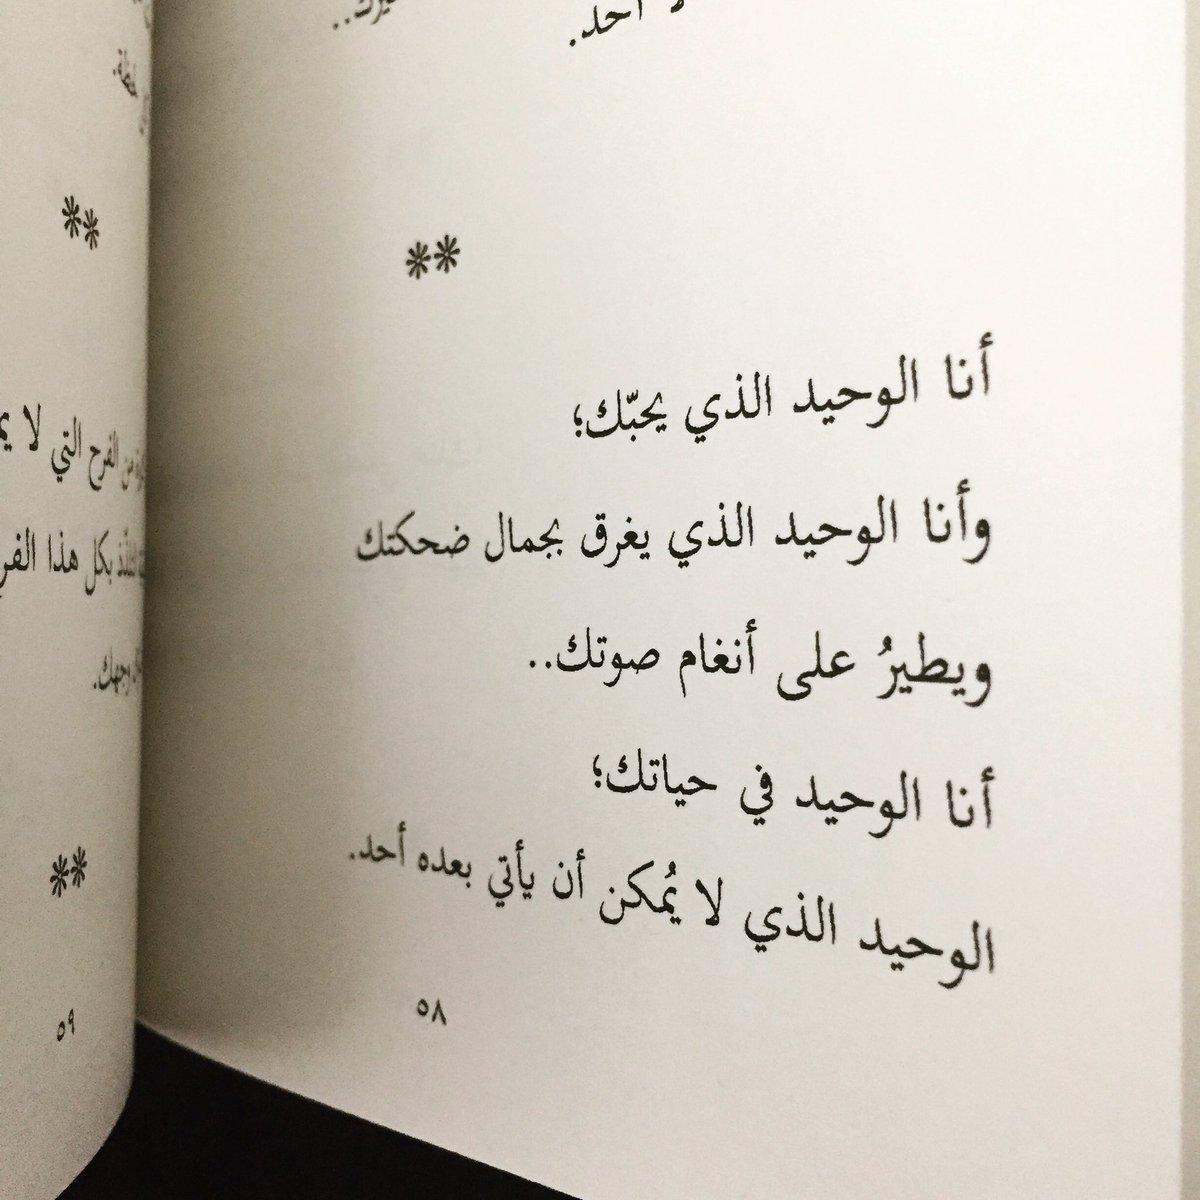 صوره شعر حب وشوق , اجمل القصائد الشعرية في الحب